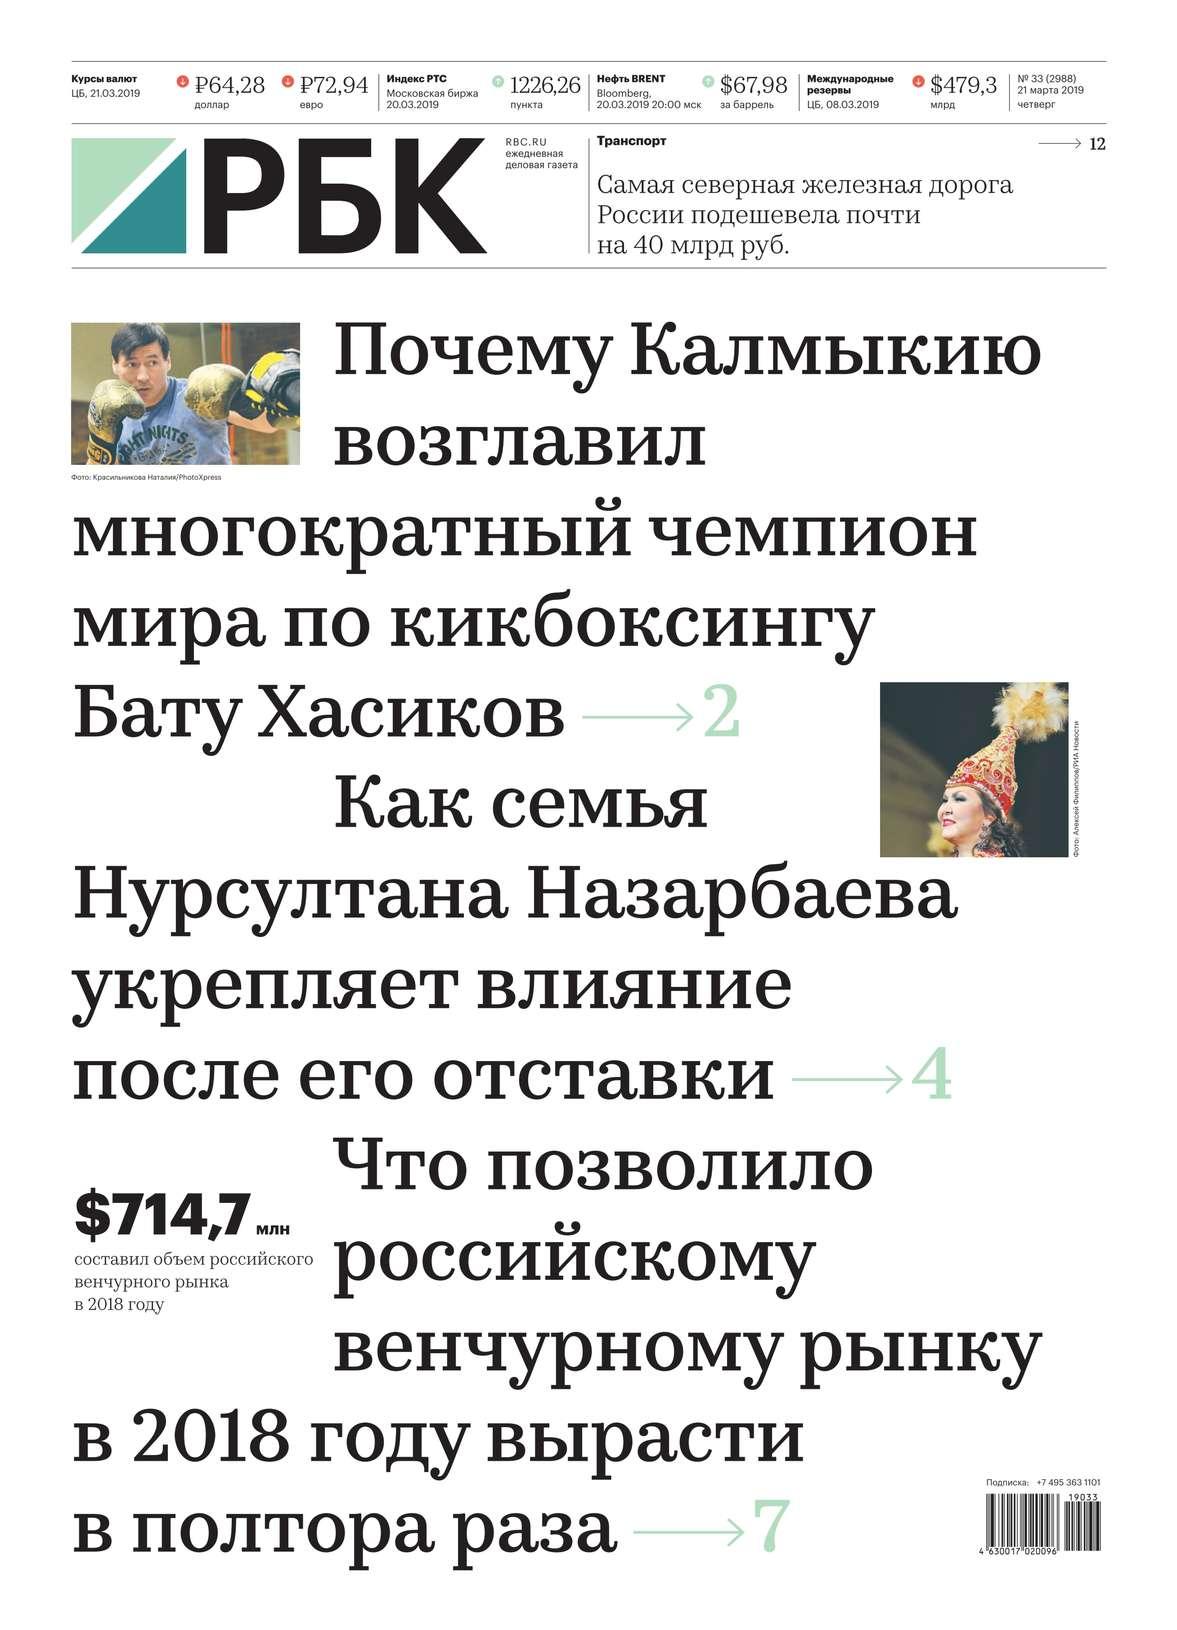 Ежедневная Деловая Газета Рбк 33-2019